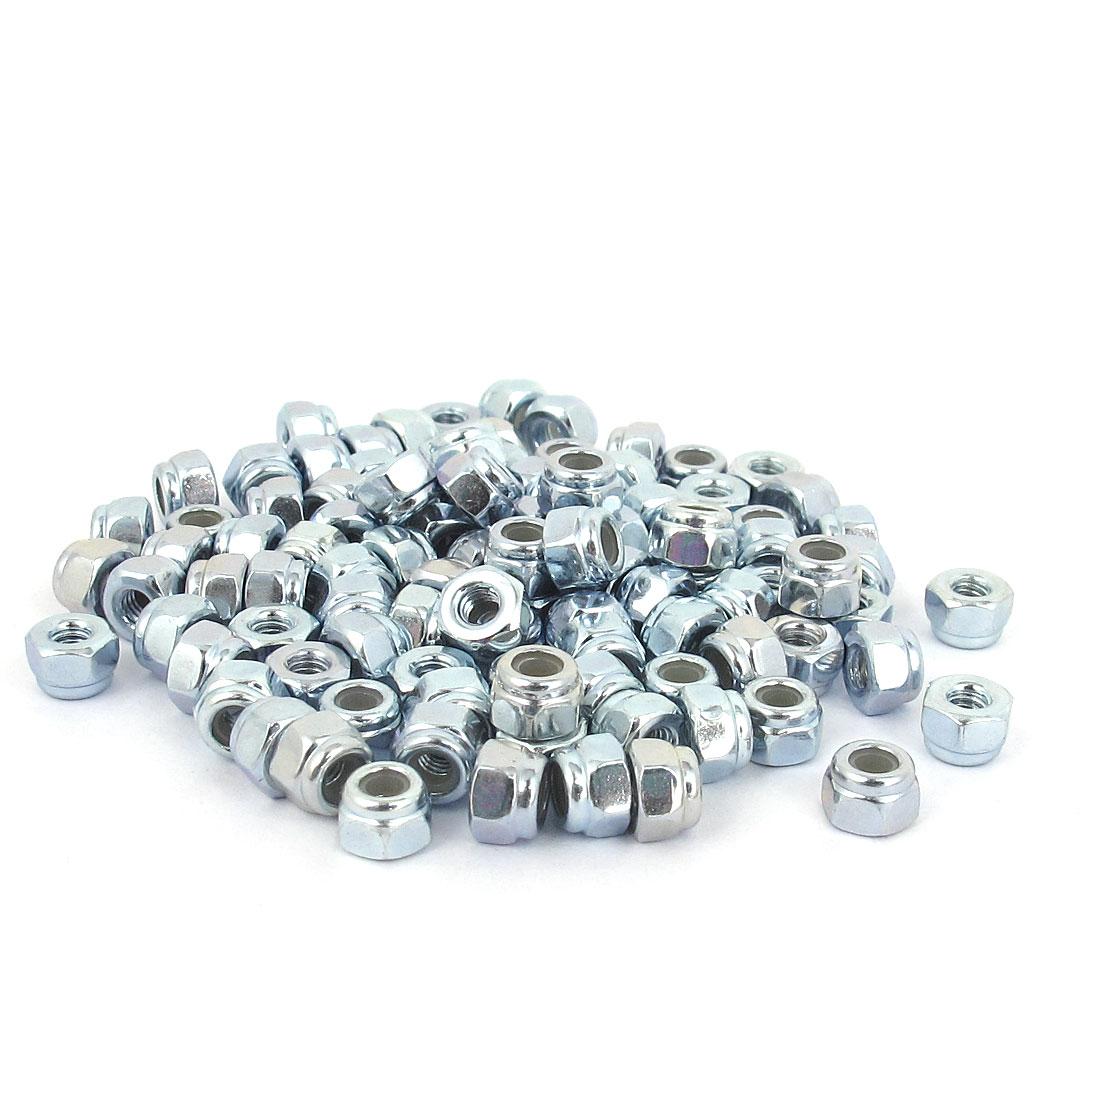 M2.5x0.45mm Zinc Plated Nylock Self-Locking Nylon Insert Hex Lock Nuts 100pcs